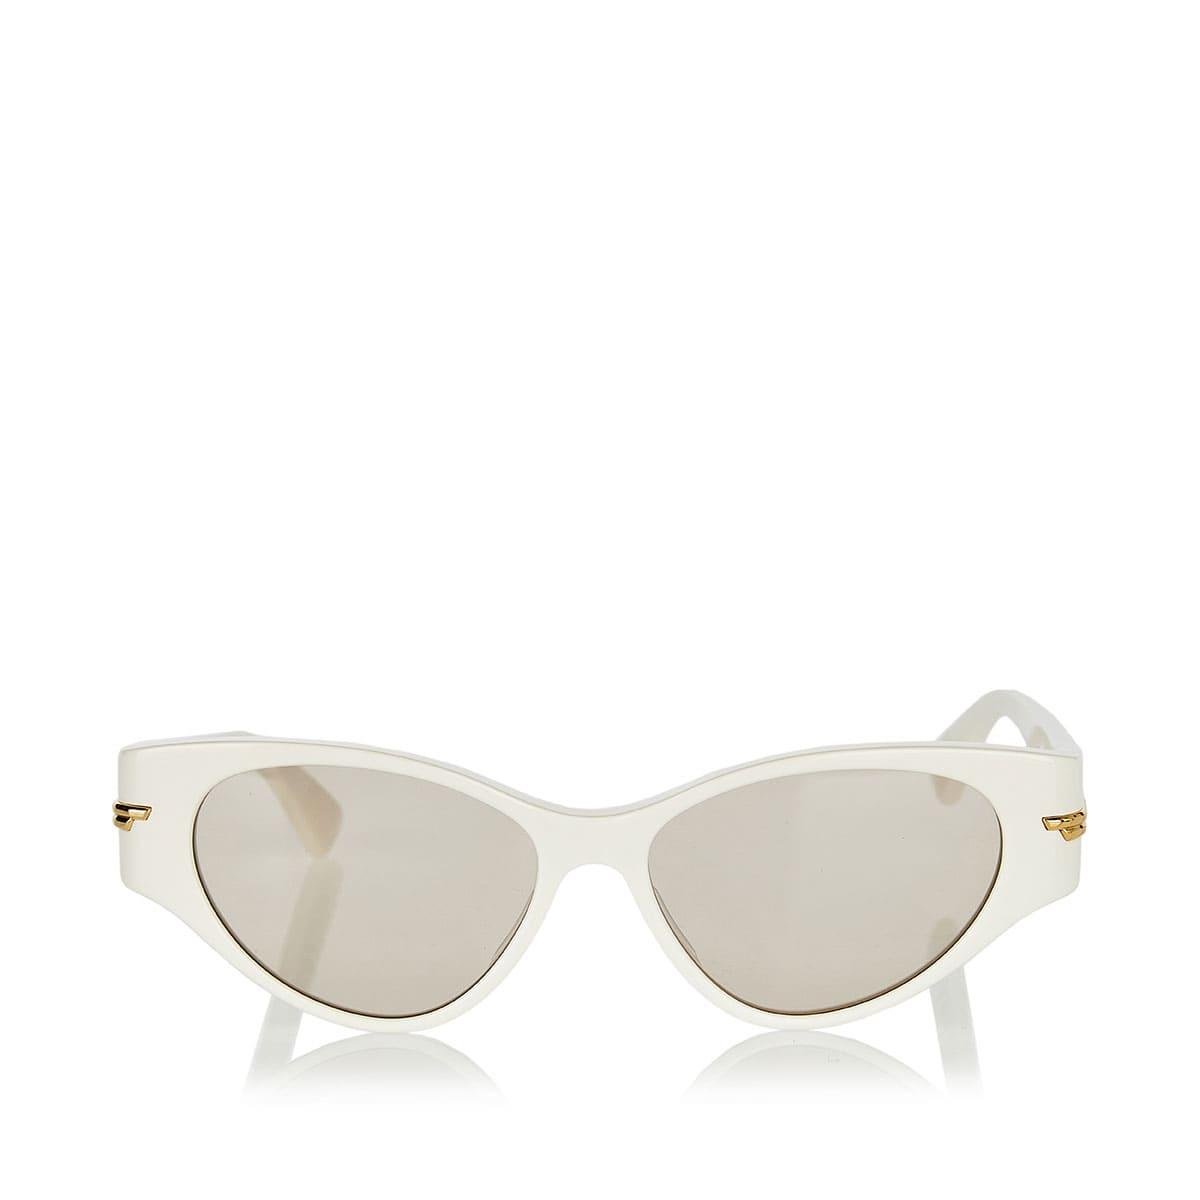 The Original 02 sunglasses